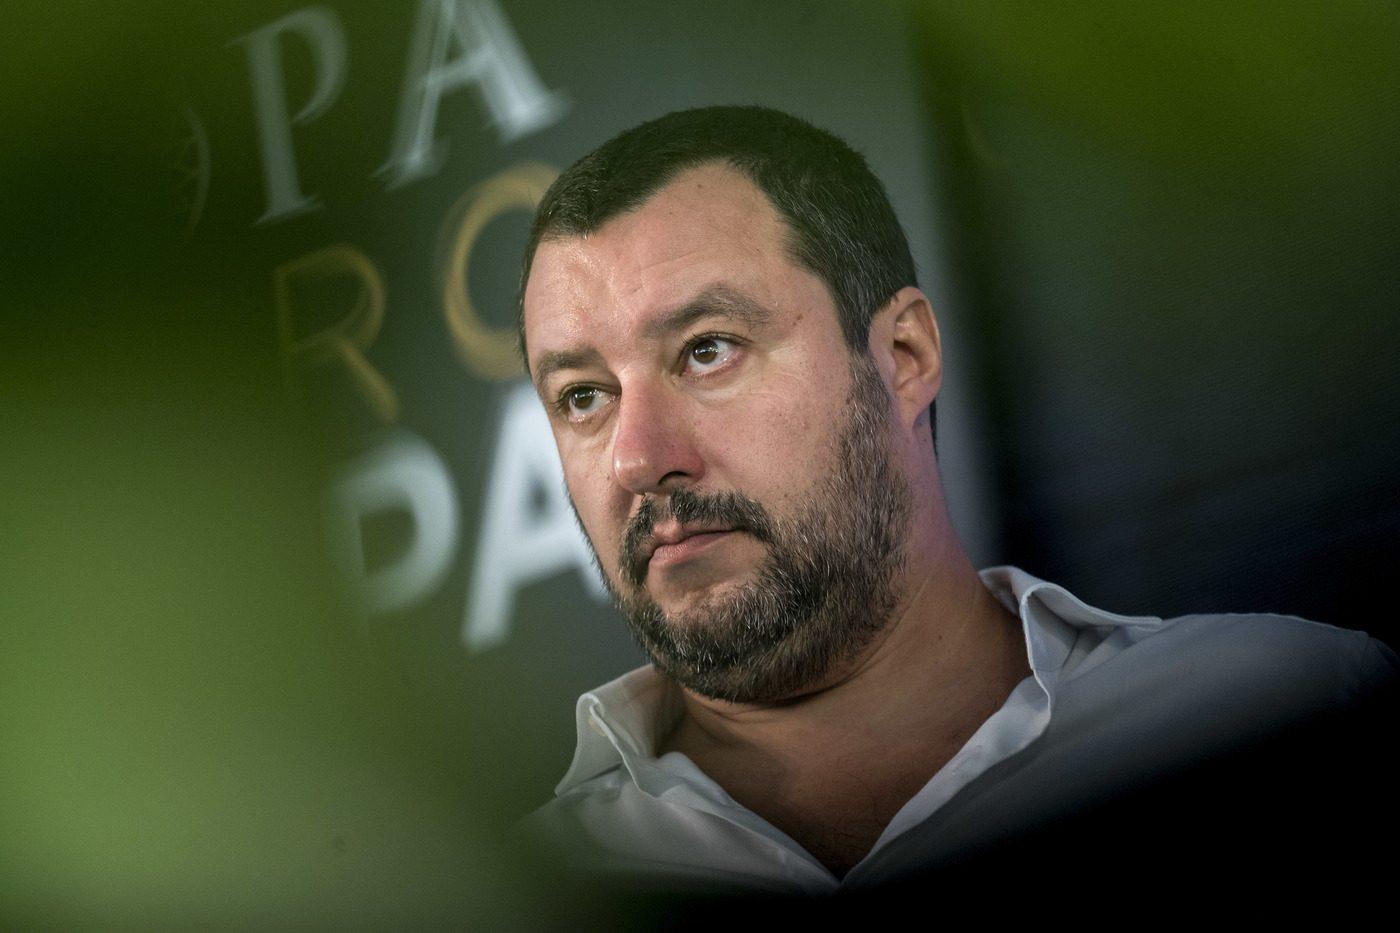 Approvato il decreto Salvini su sicurezza e migranti: cosa contiene ...